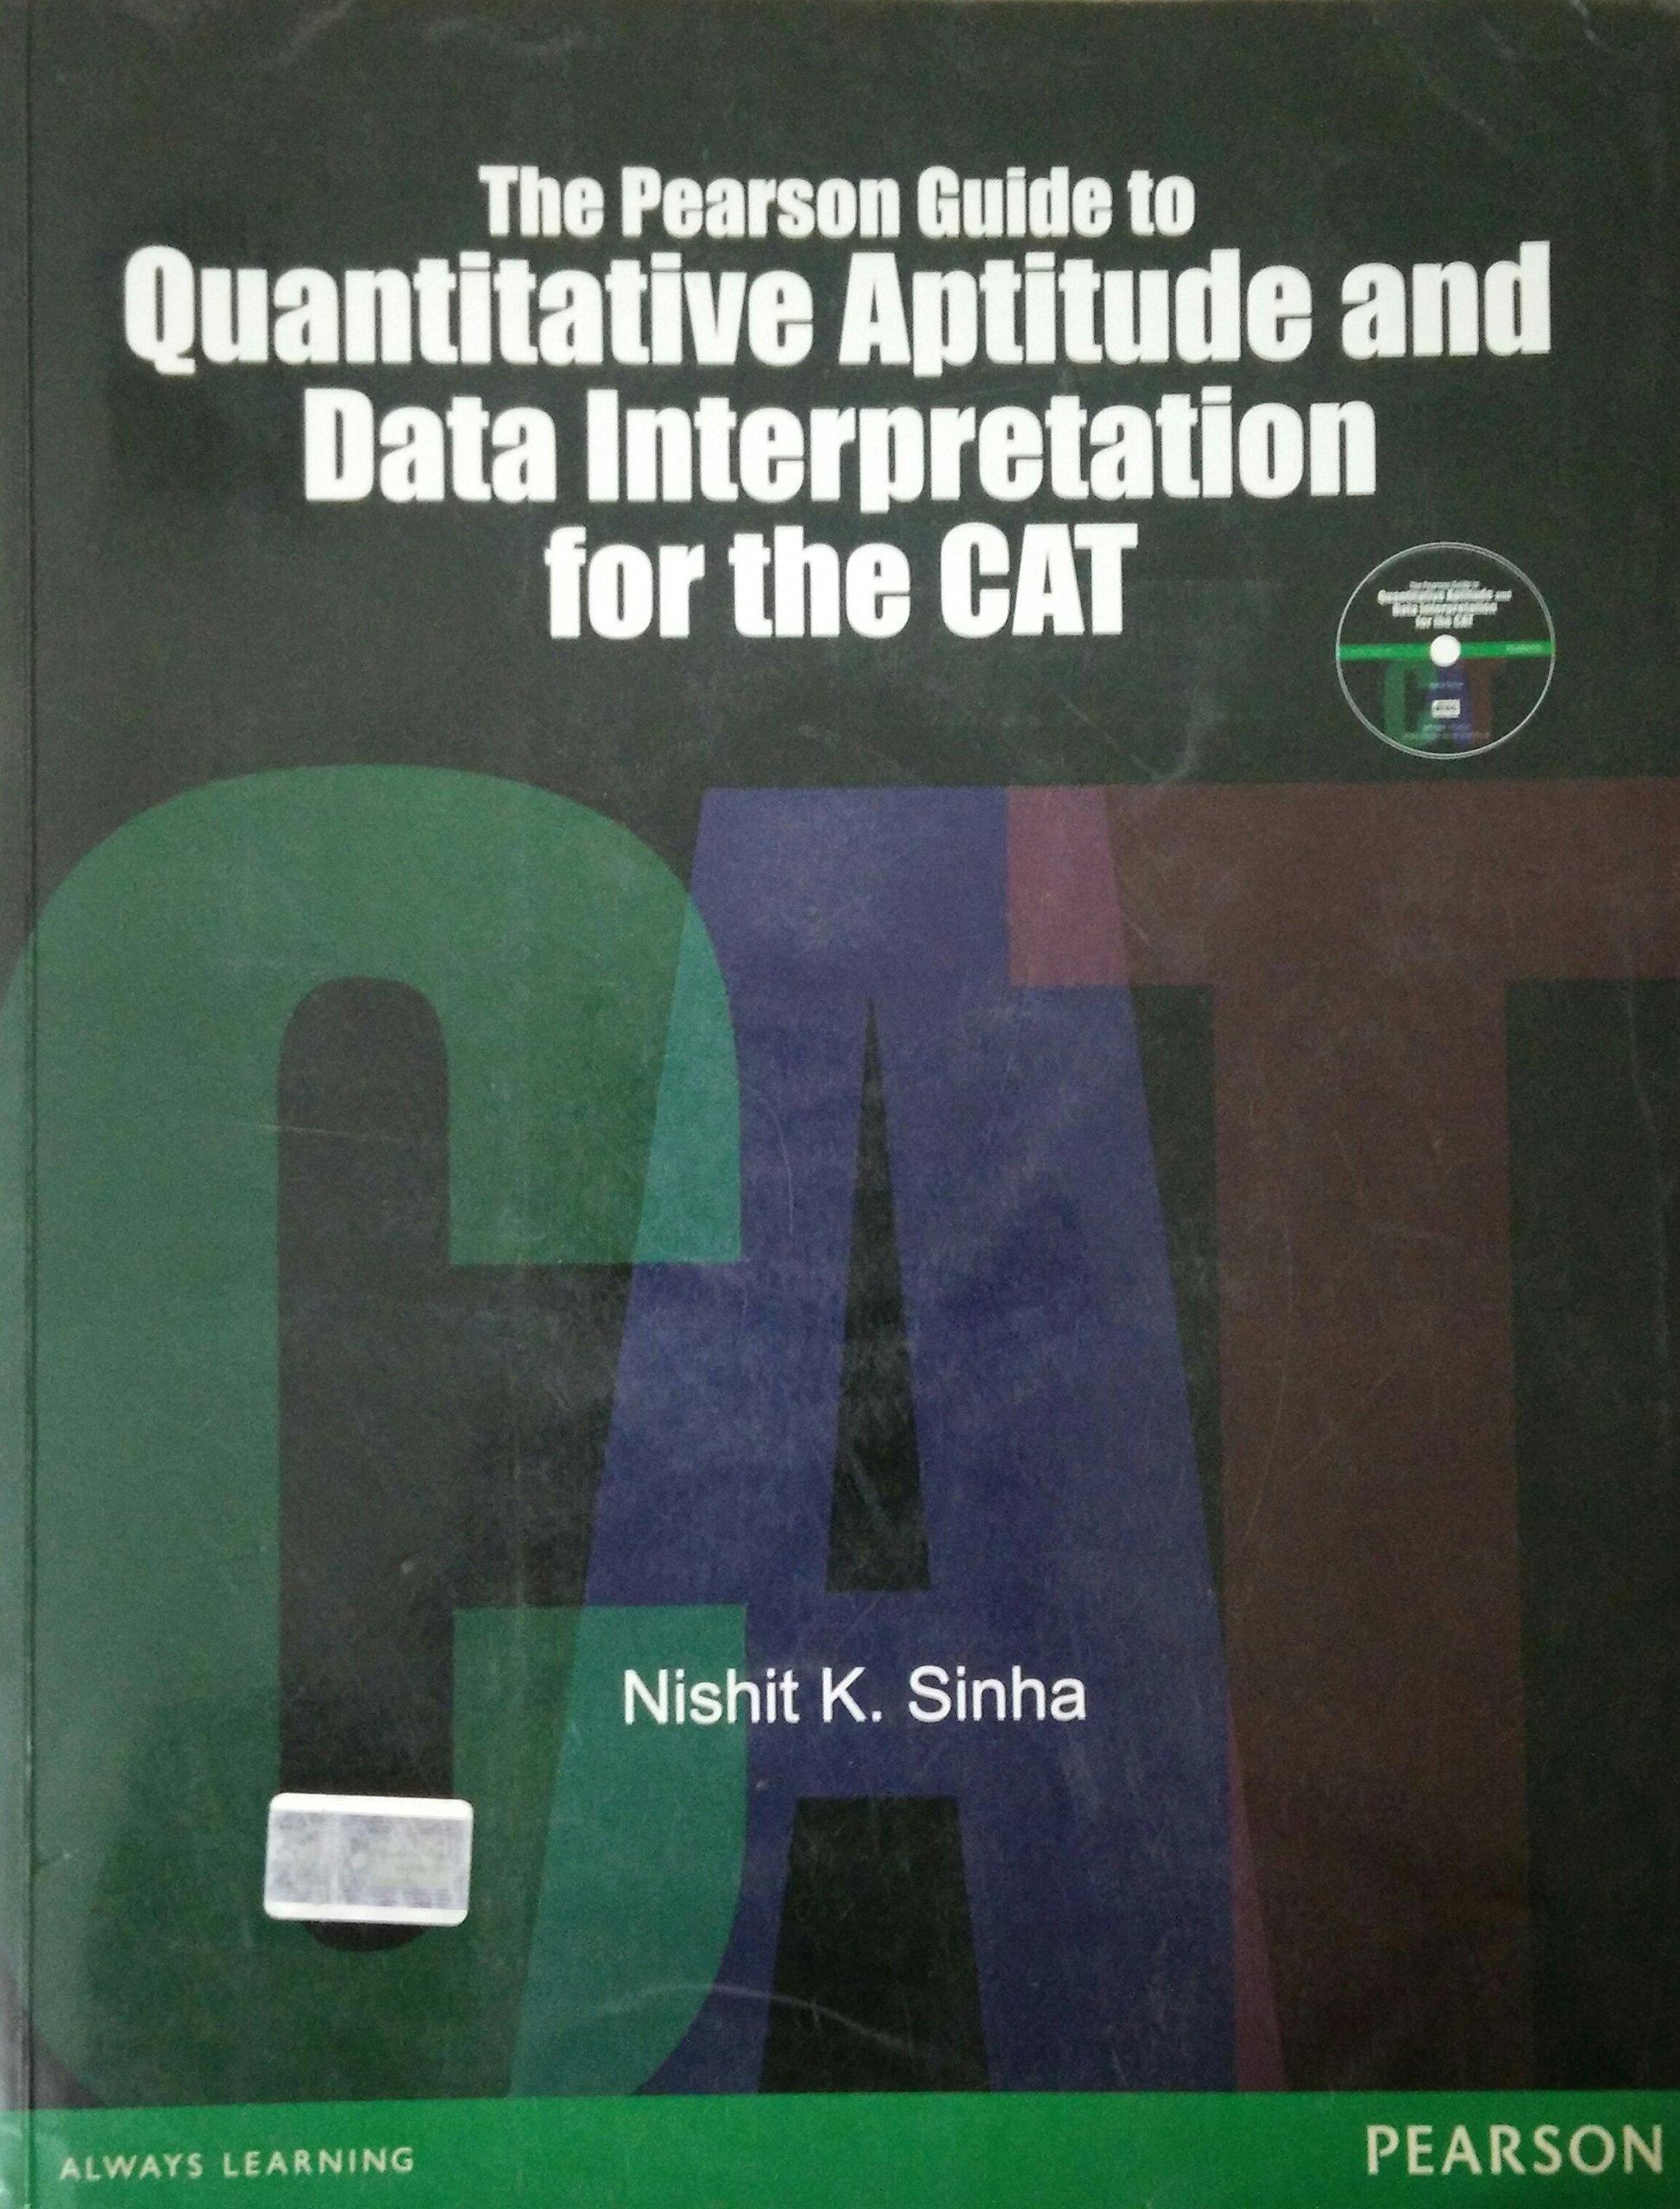 Buy The Pearson Guide to Quantitative Aptitude and Data